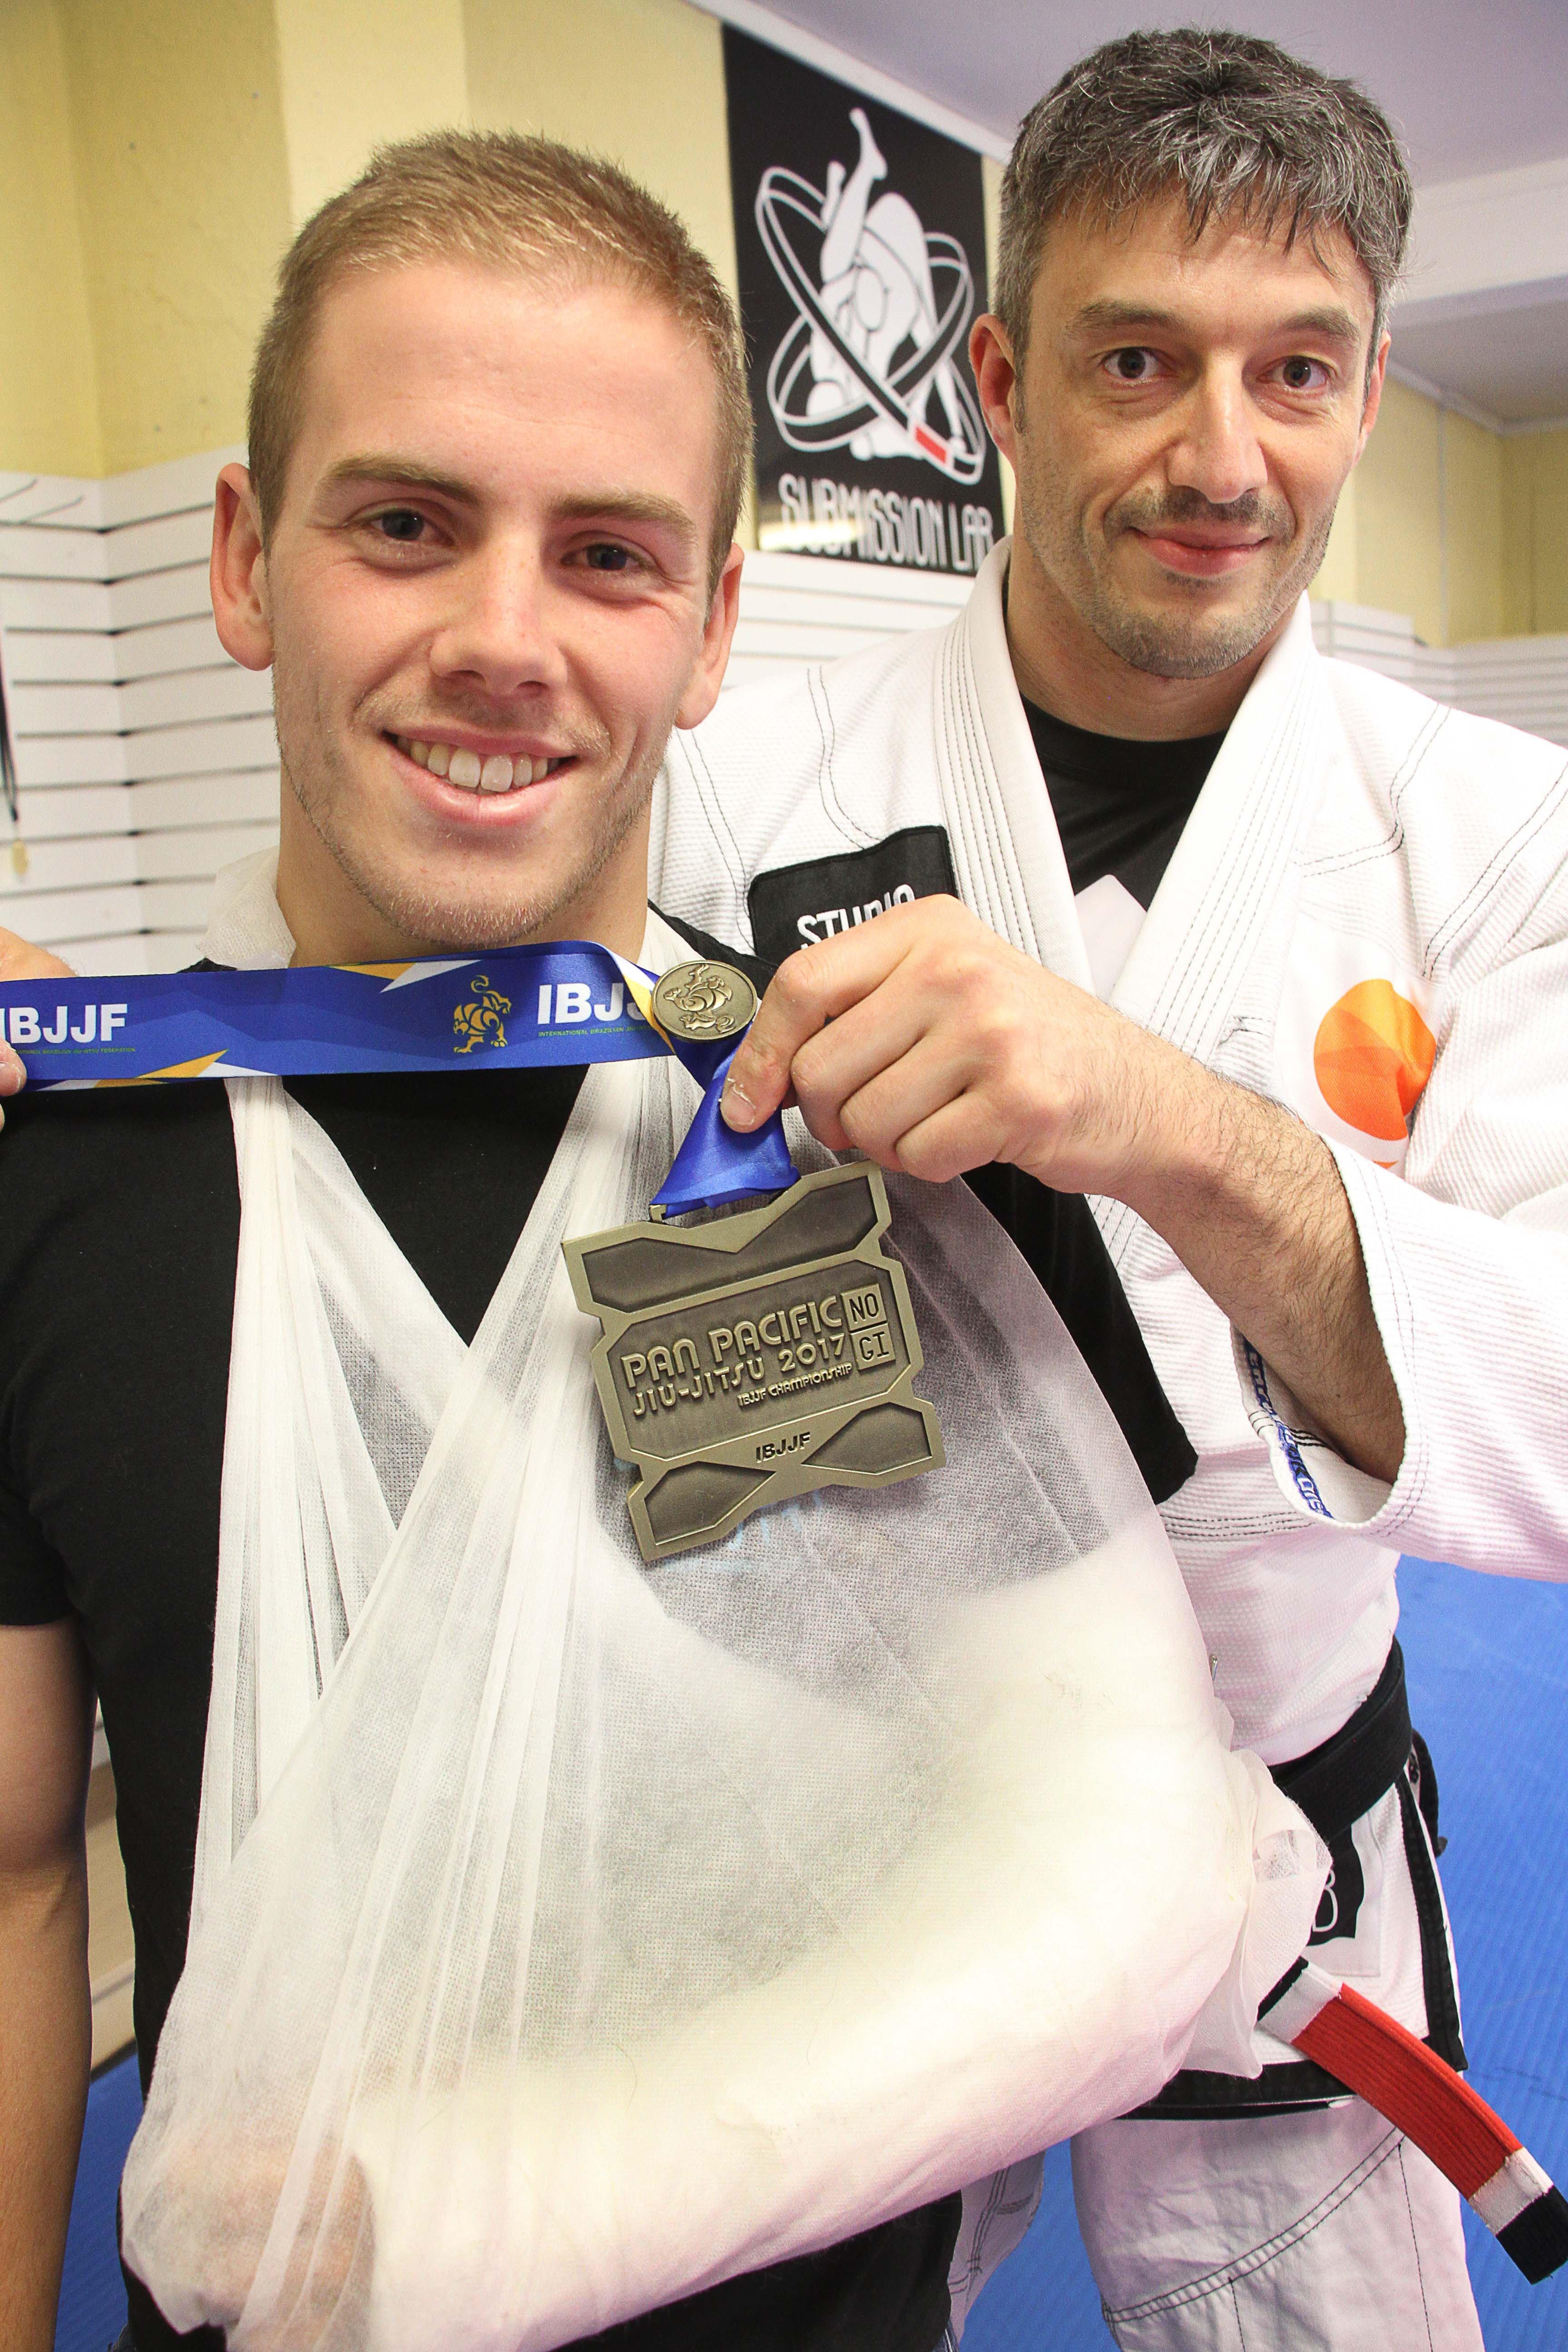 Bronze medal won despite broken arm | Otago Daily Times Online News